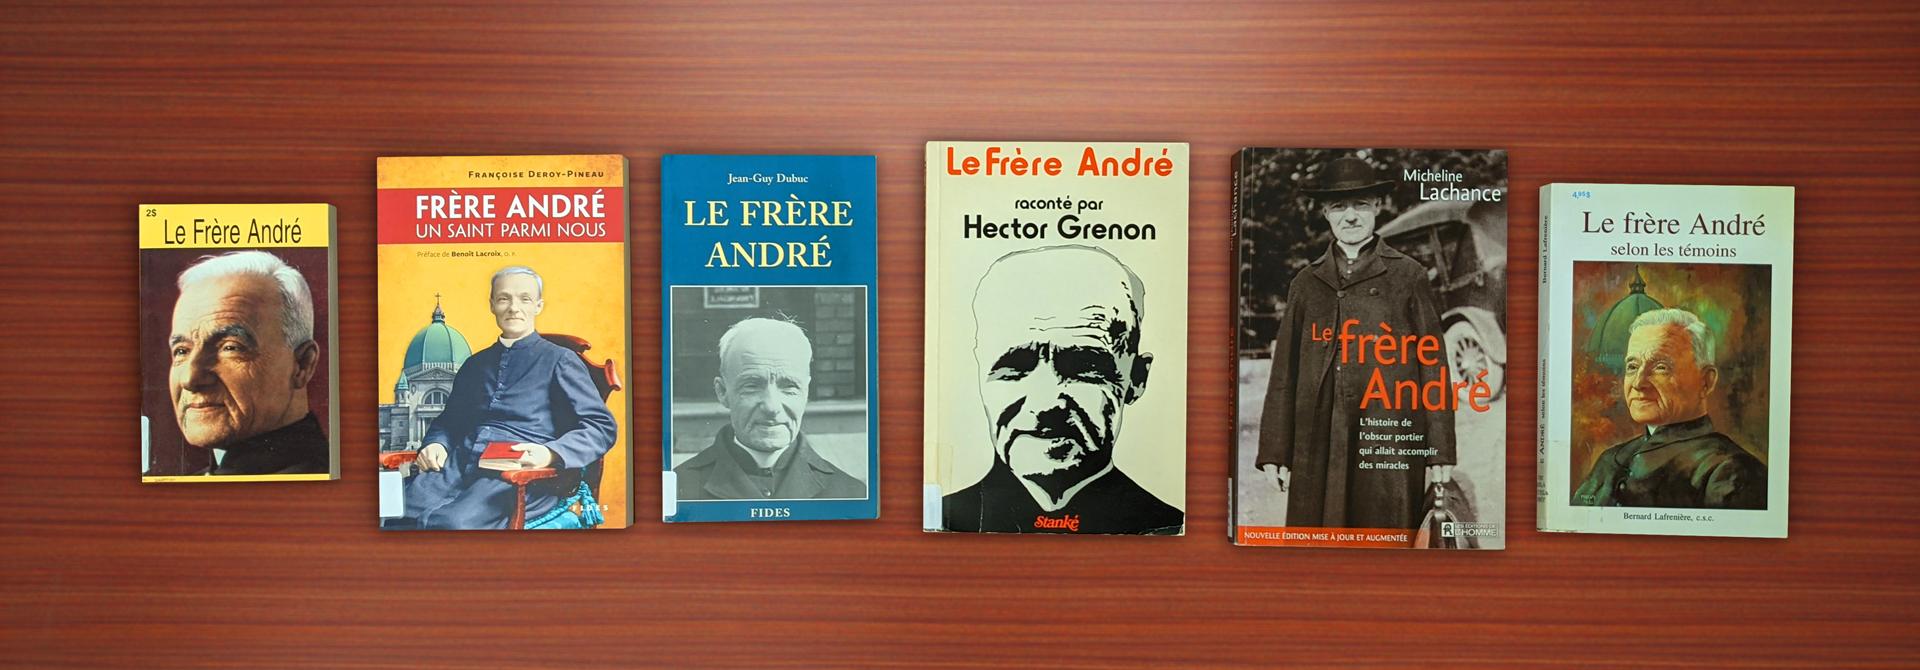 Les biographies sur le frère André